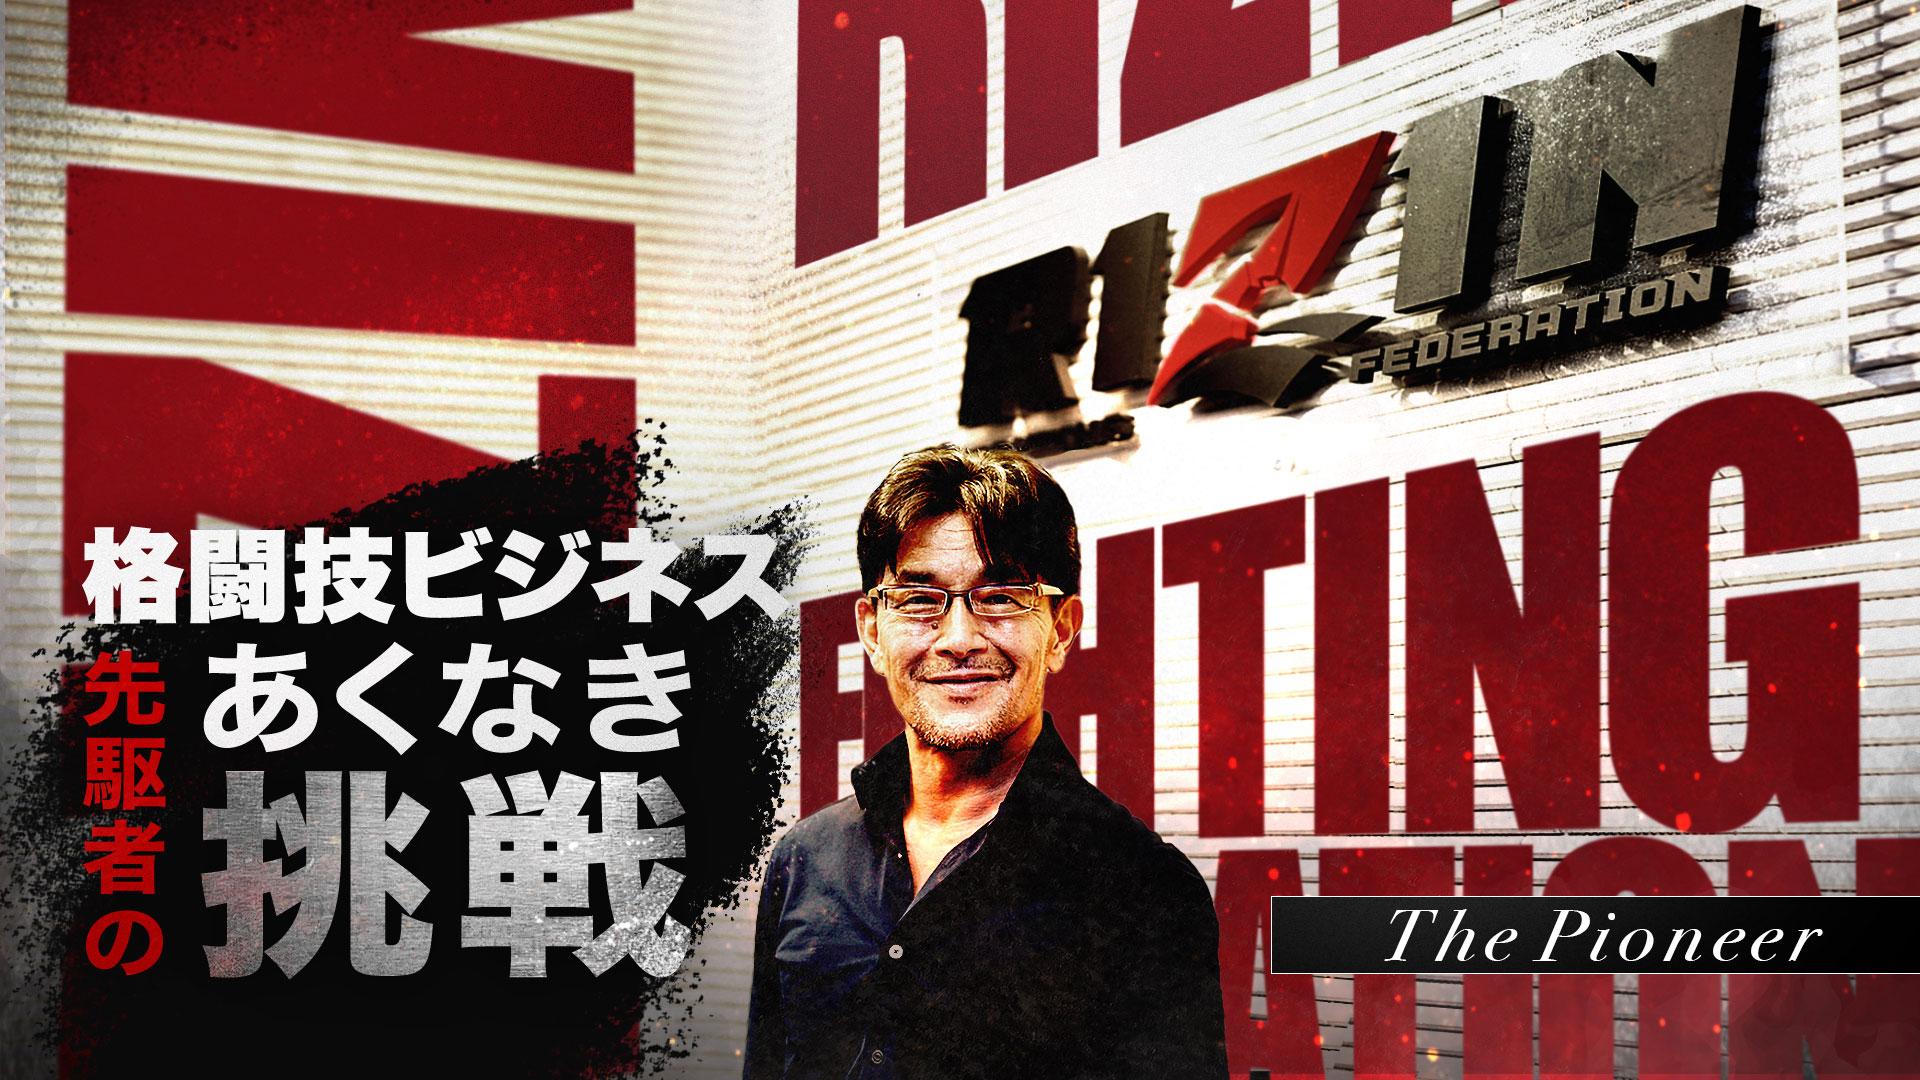 """PRIDE設立、売却、そしてRIZIN立ち上げへ。""""経営者・榊原信行""""が生きた格闘技ビジネスの栄光、挫折、挑戦の半生"""